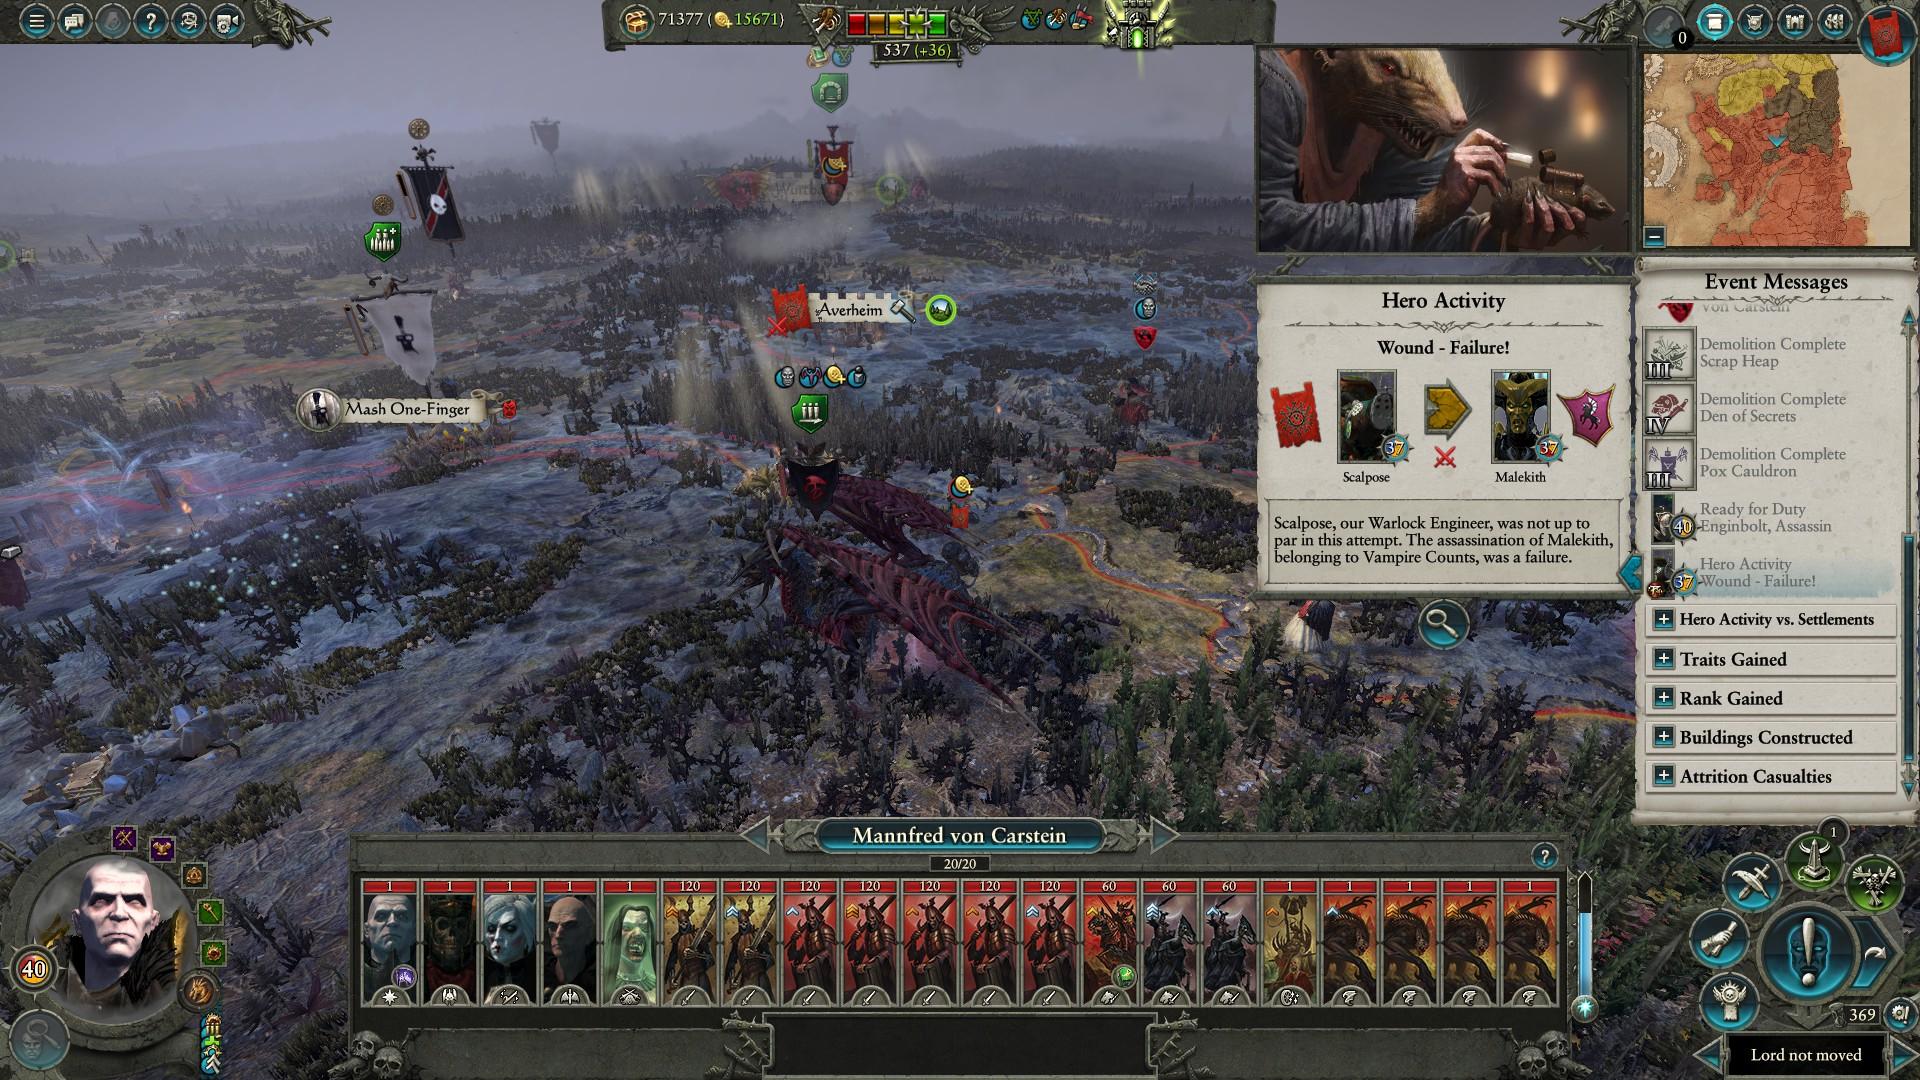 a big fat hot MESS !! FIX IT ! — Total War Forums